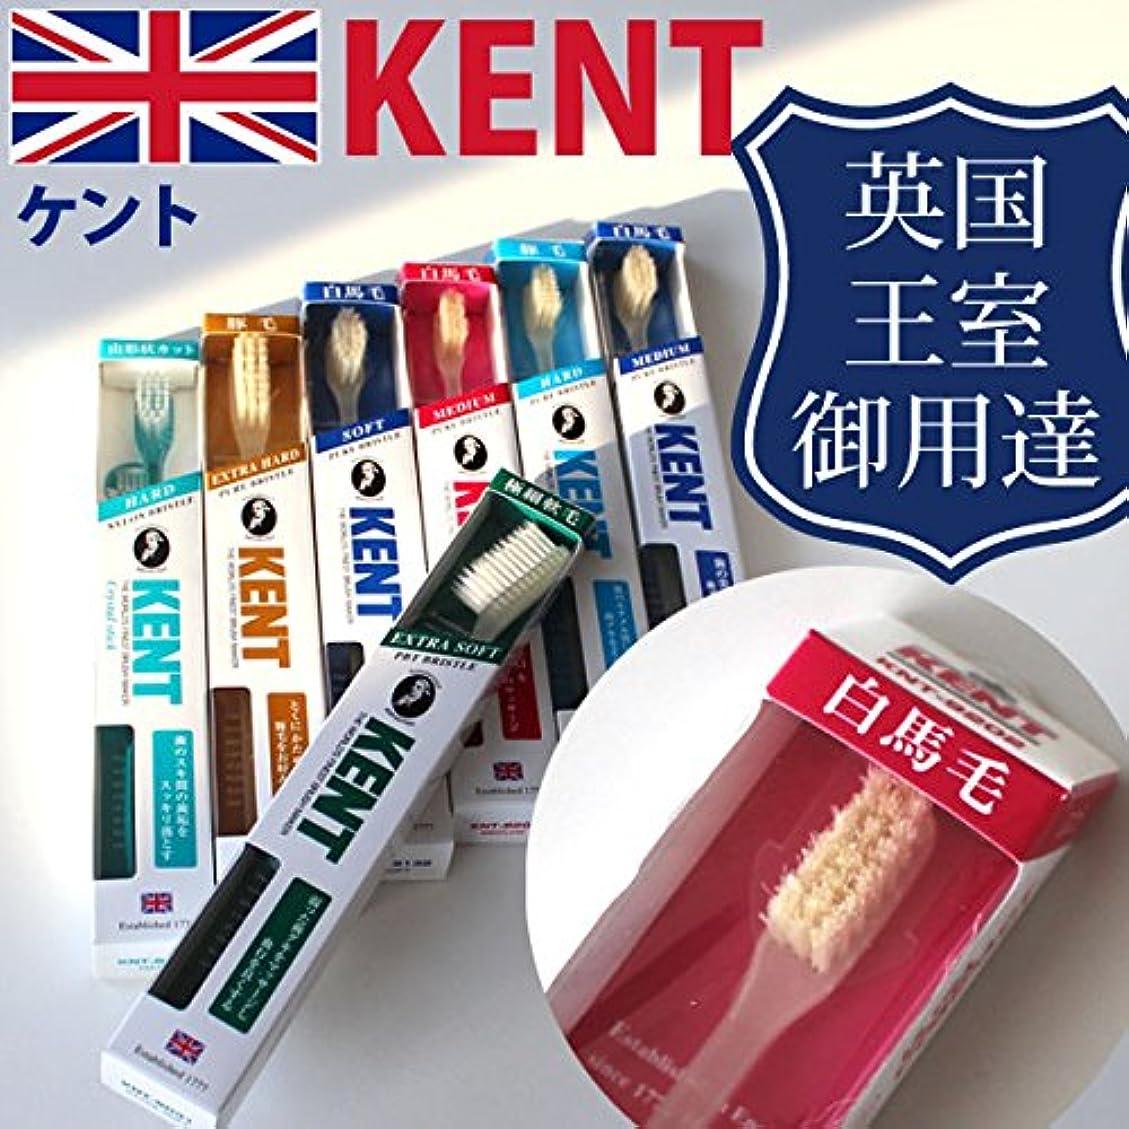 ボイラーオンス国際ケント KENT 白馬毛 超コンパクト歯ブラシ KNT-9102/9202 6本入り 他のコンパクトヘッドに比べて歯 ふつう